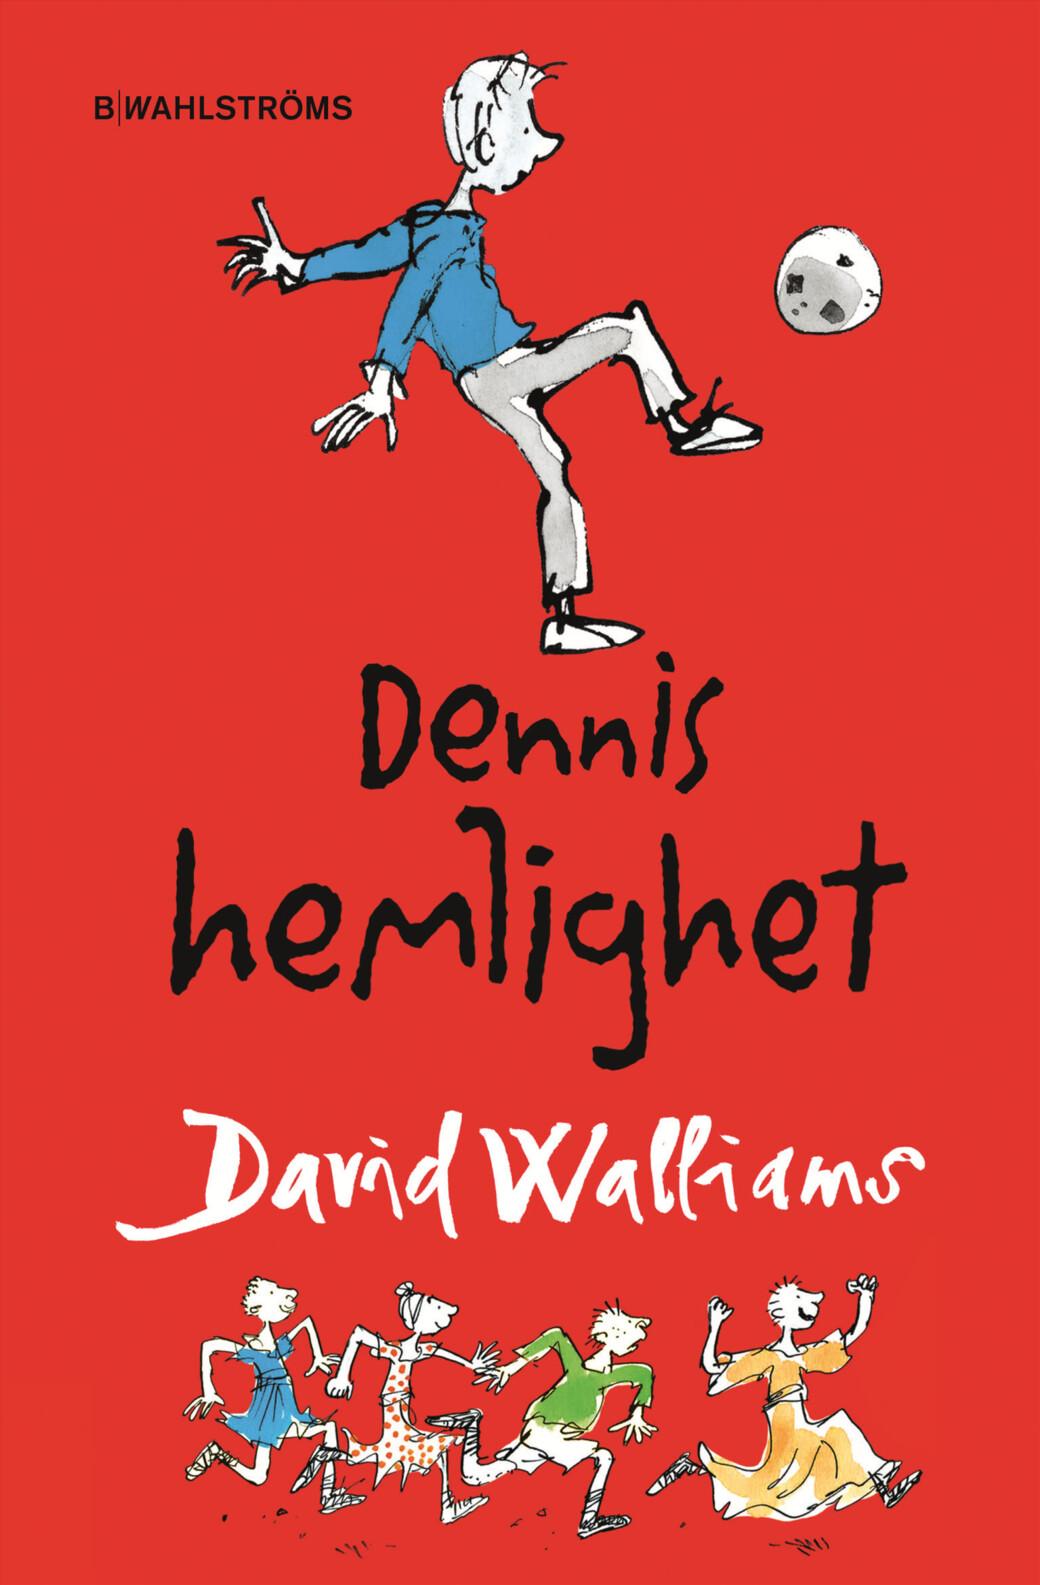 Dennis hemlighet, David Walliams